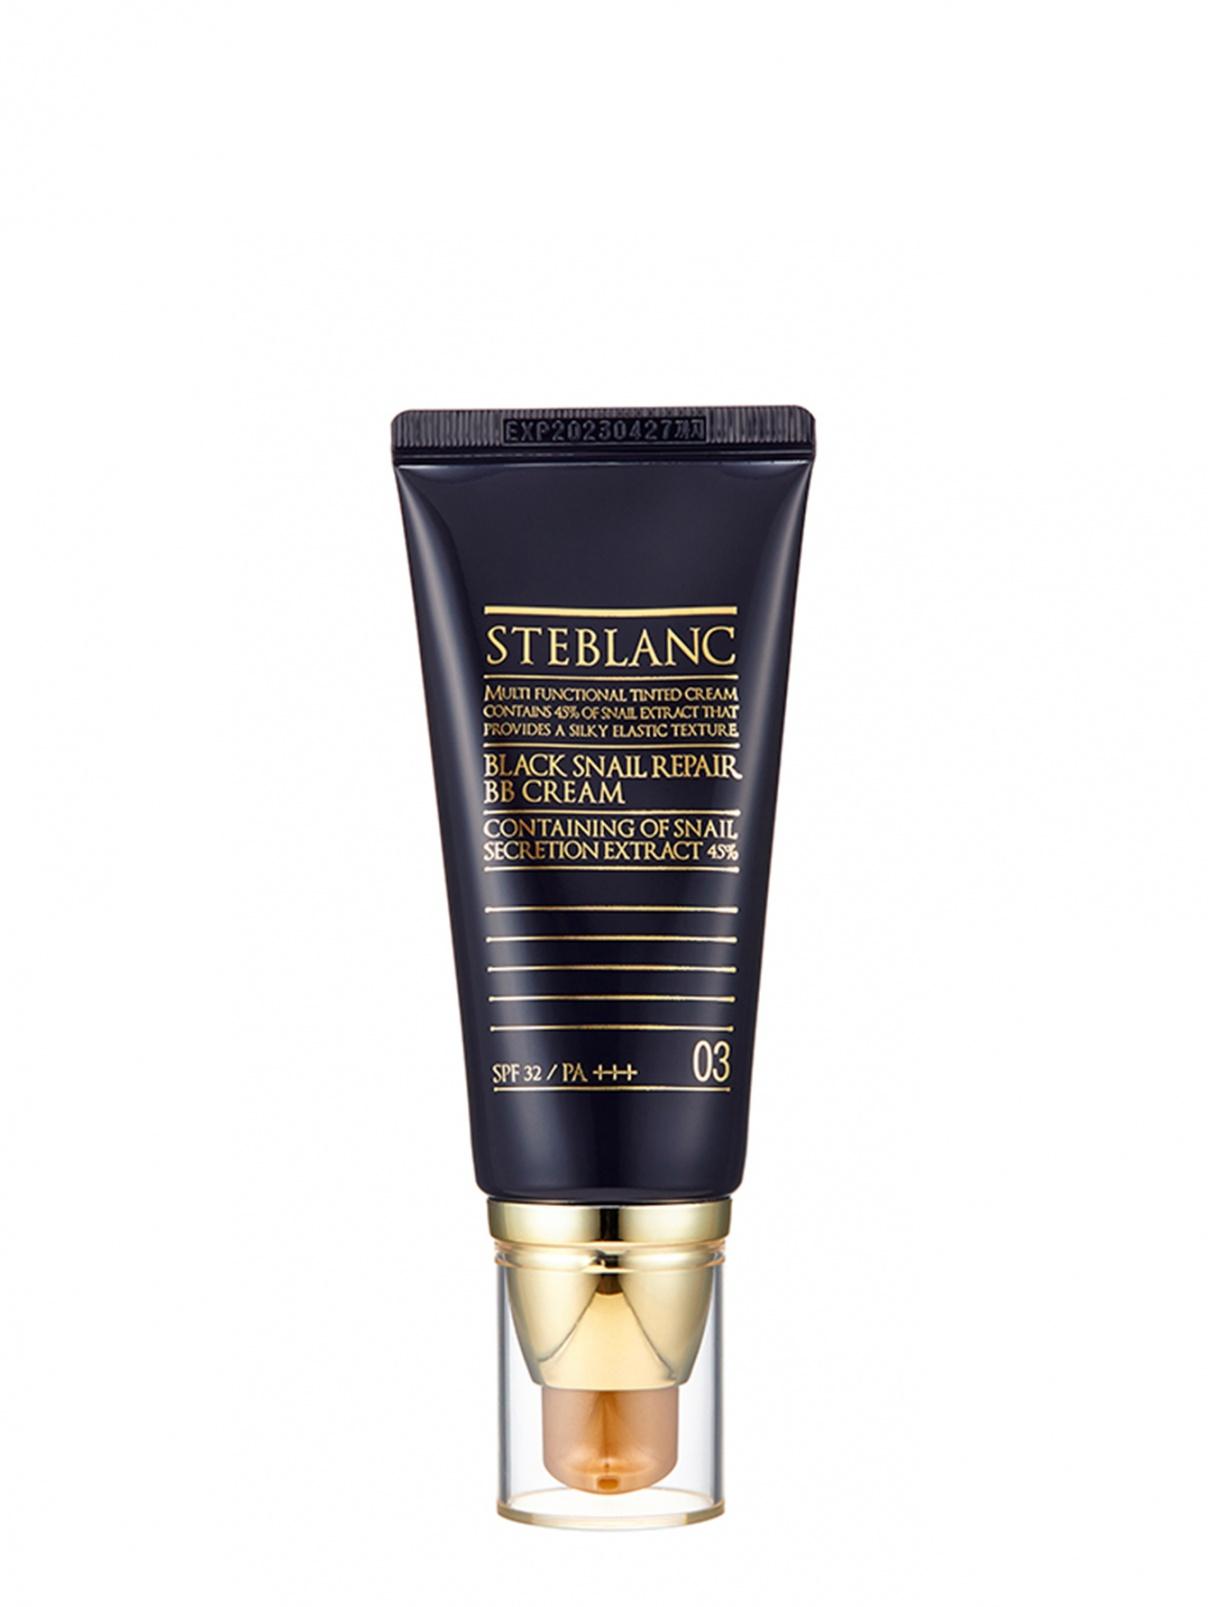 Black Snail Repair BB Cream / ВВ крем с муцином Чёрной улитки тон 03 (натуральный беж) 50 мл STEBLANK  –  Общий вид